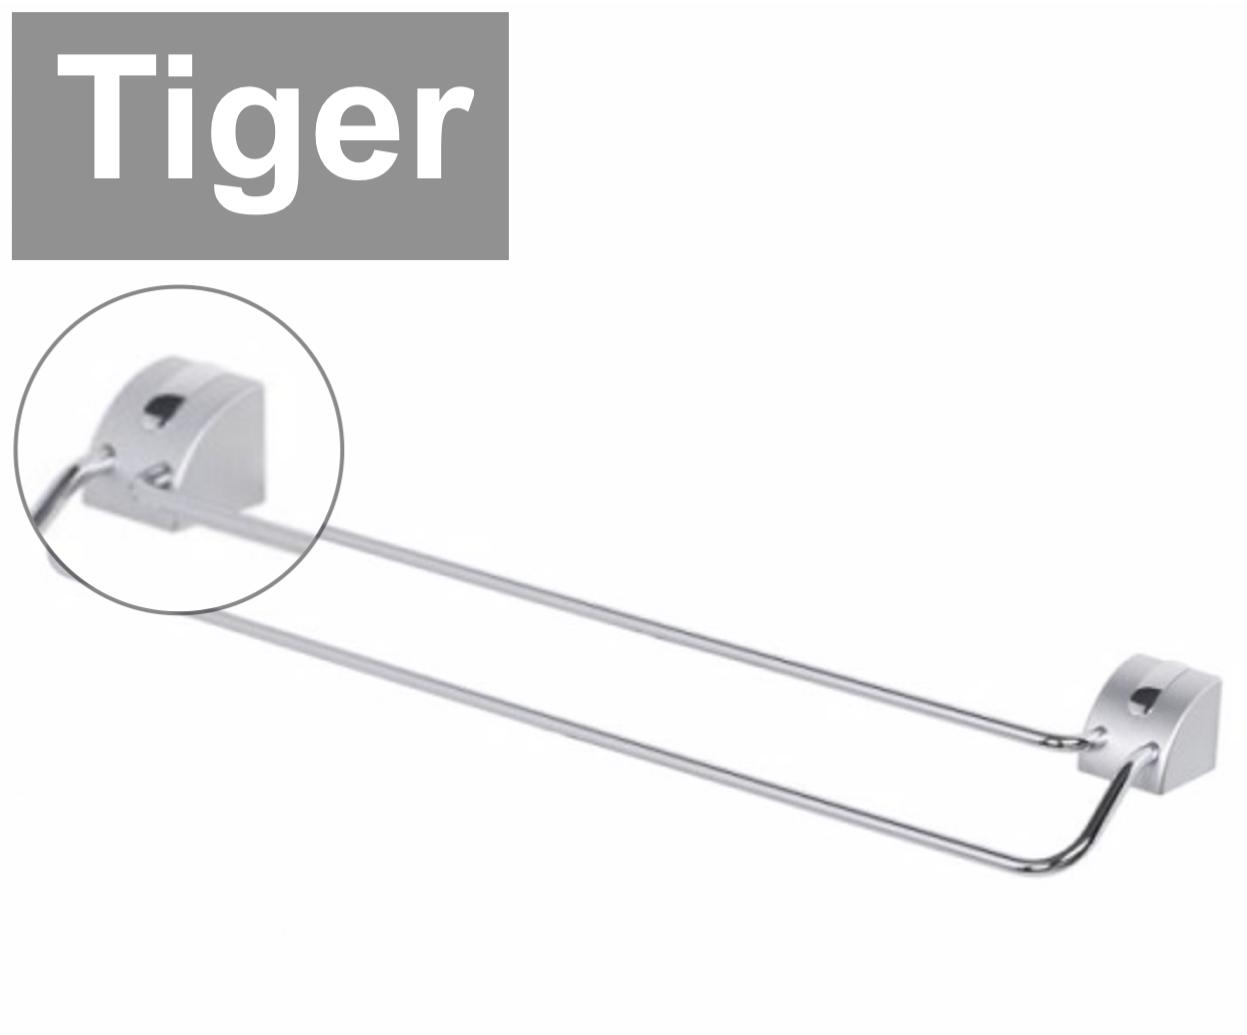 Tiger Lina  Duo Handtuchhalter   Handtuchstange  Rostfrei. Rostfrei. Rostfrei. 616 x 75 x 110 mm     | Erschwinglich  331005